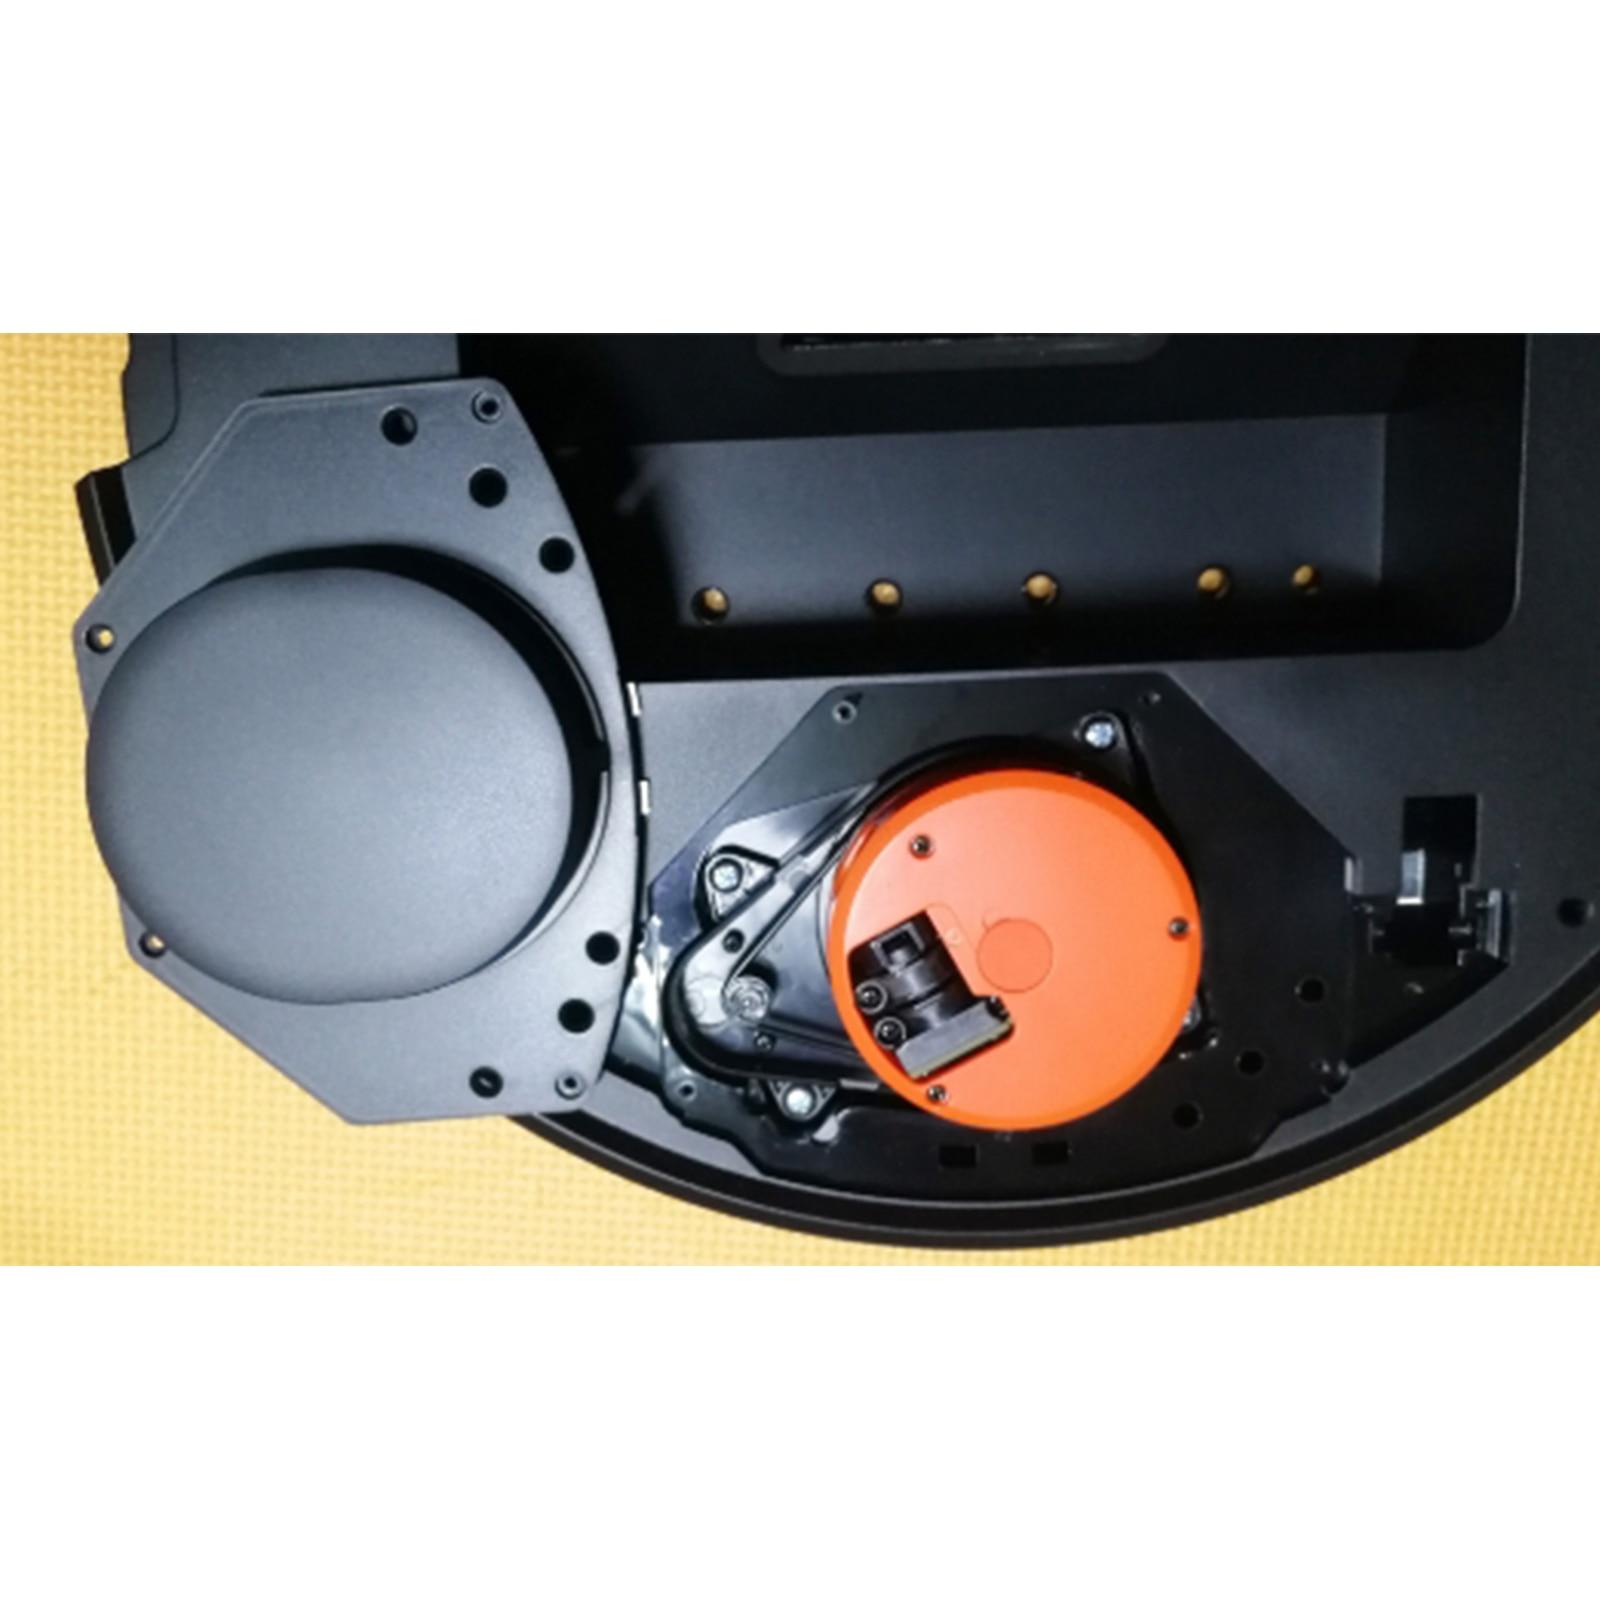 Profissional robô aspirador de pó lds sensor cabeça do laser para xiaomi varrendo esfregar robô aspirador de pó styj02ym - 4